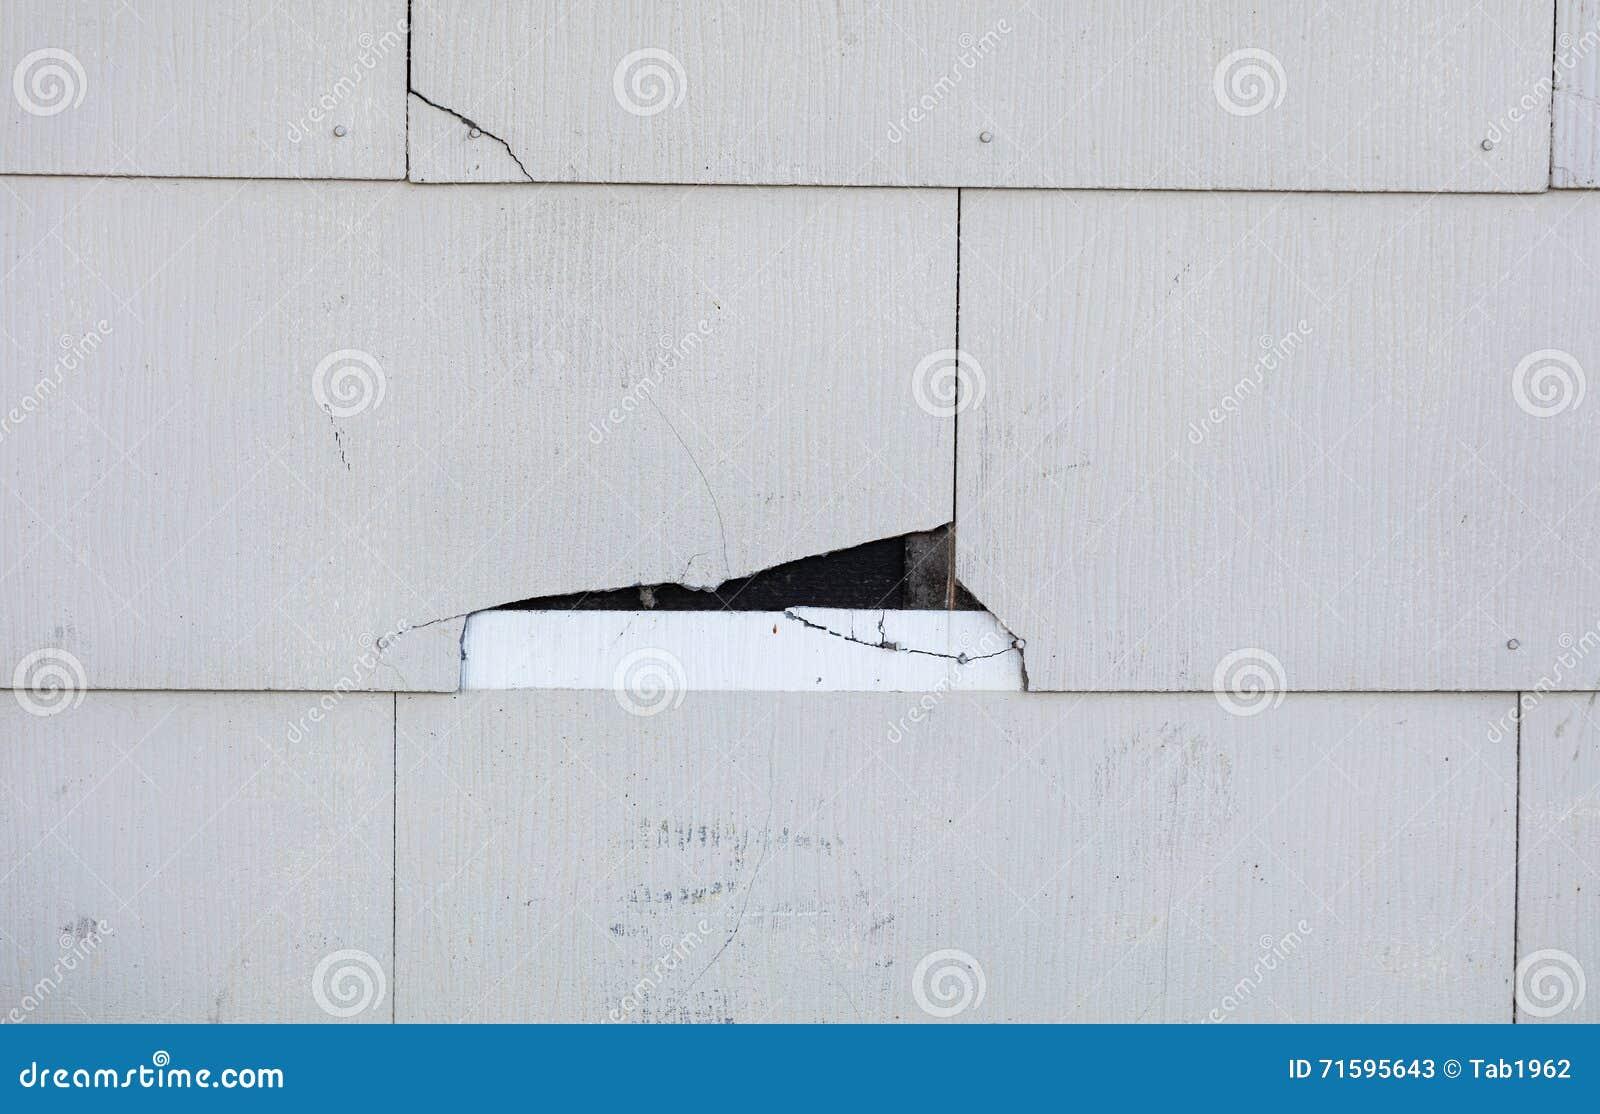 Voie de garage d 39 amiante fendant sur la maison image stock for Prix diagnostic amiante garage